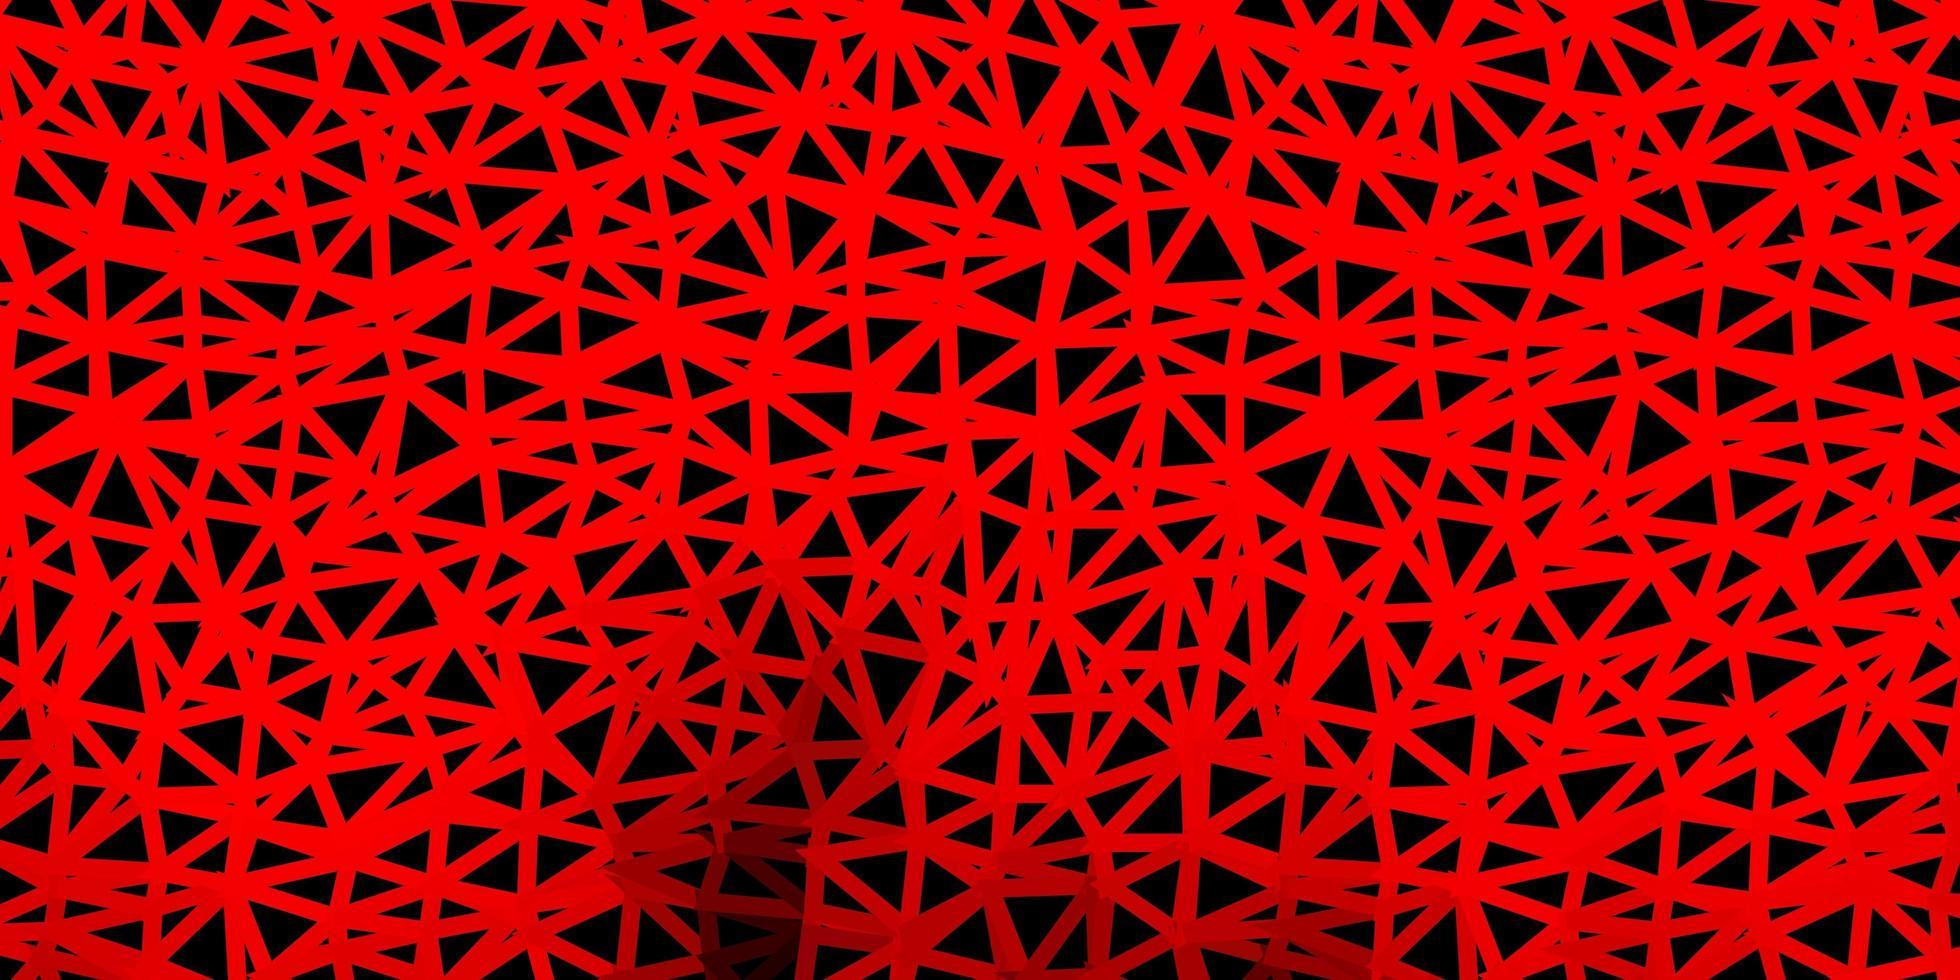 cenário poligonal de vetor vermelho escuro.